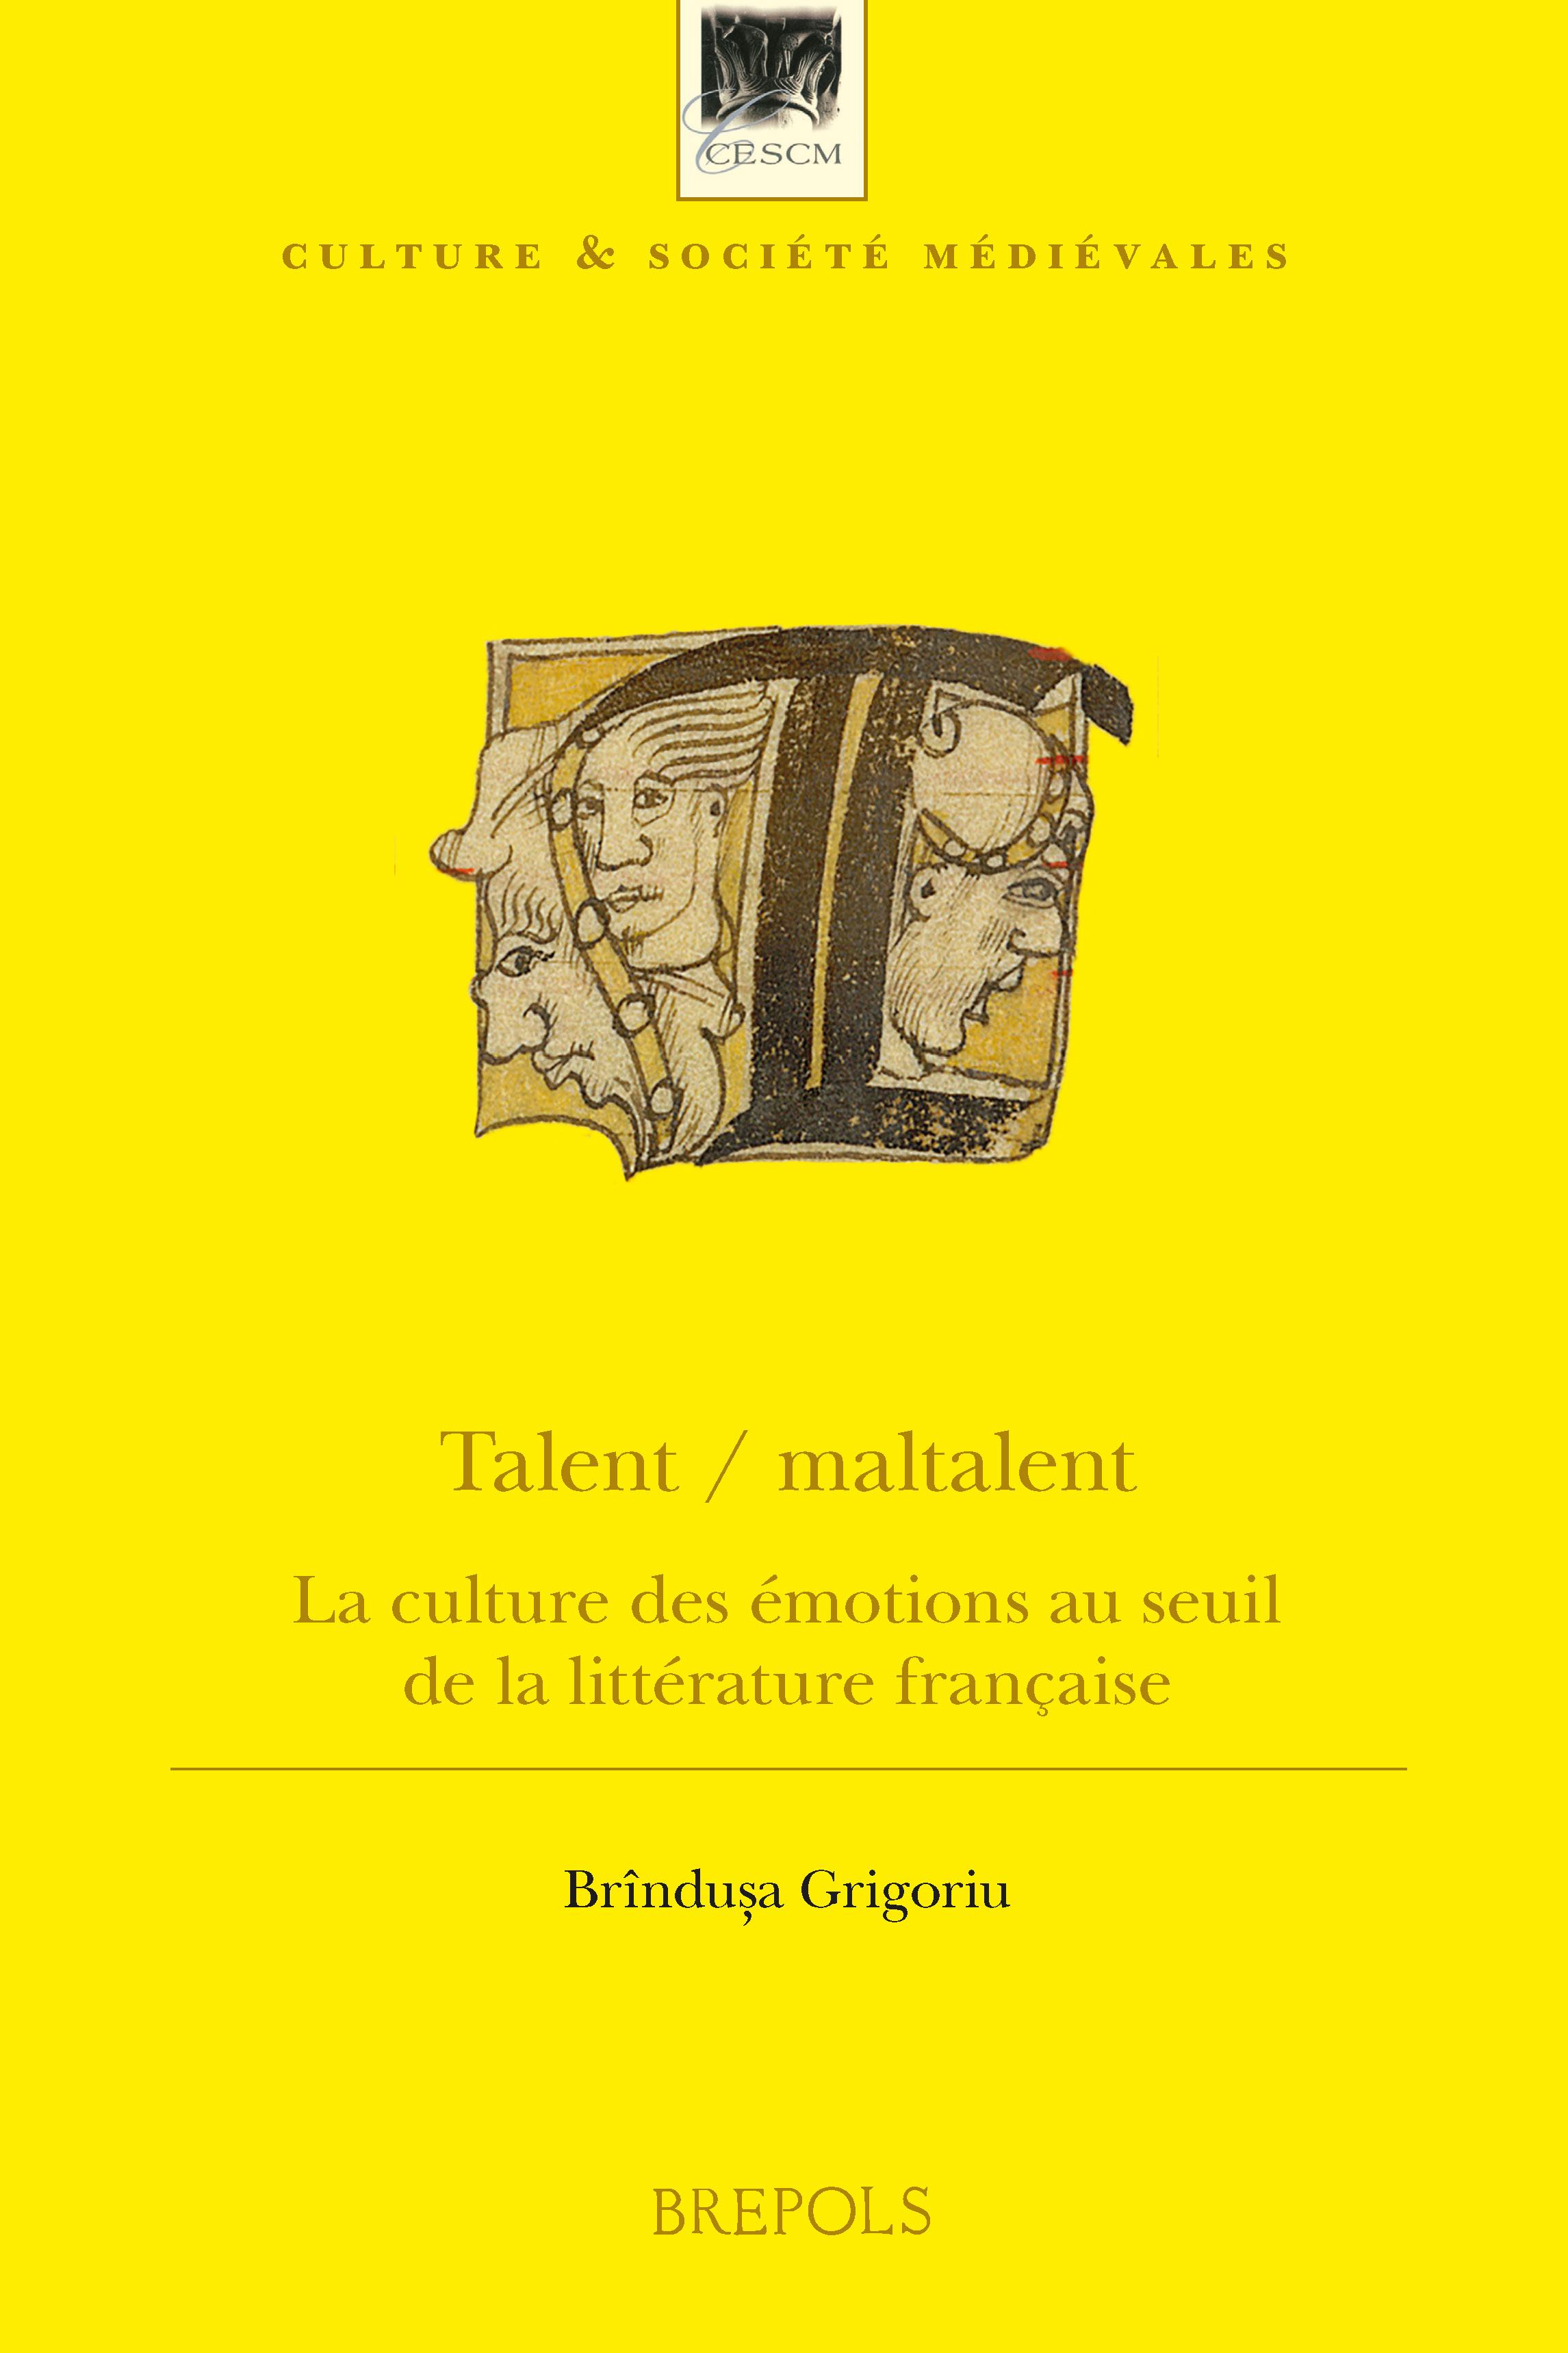 B. Grigoriu, Talent / maltalent. La culture des émotions au seuil de la littérature française